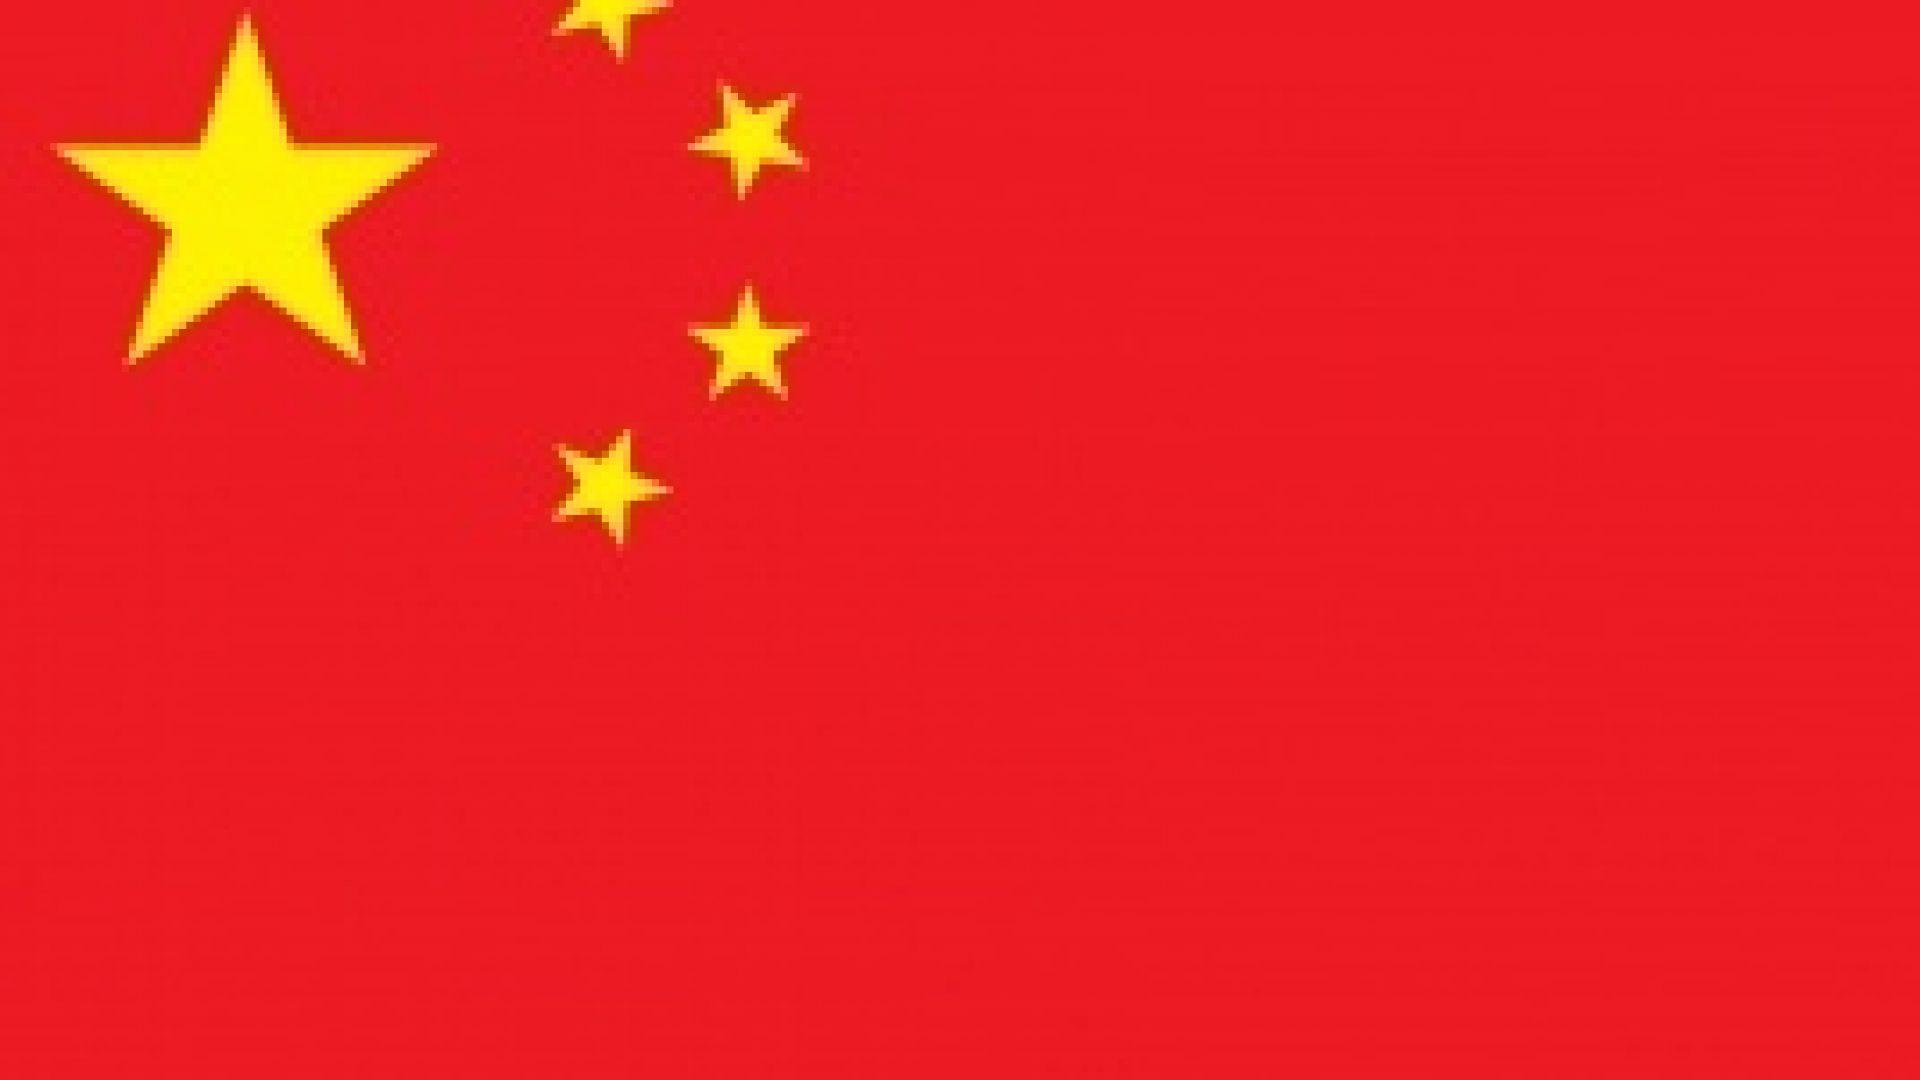 Китайски мита за US стоки за $34 млрд. от полунощ 6 юли